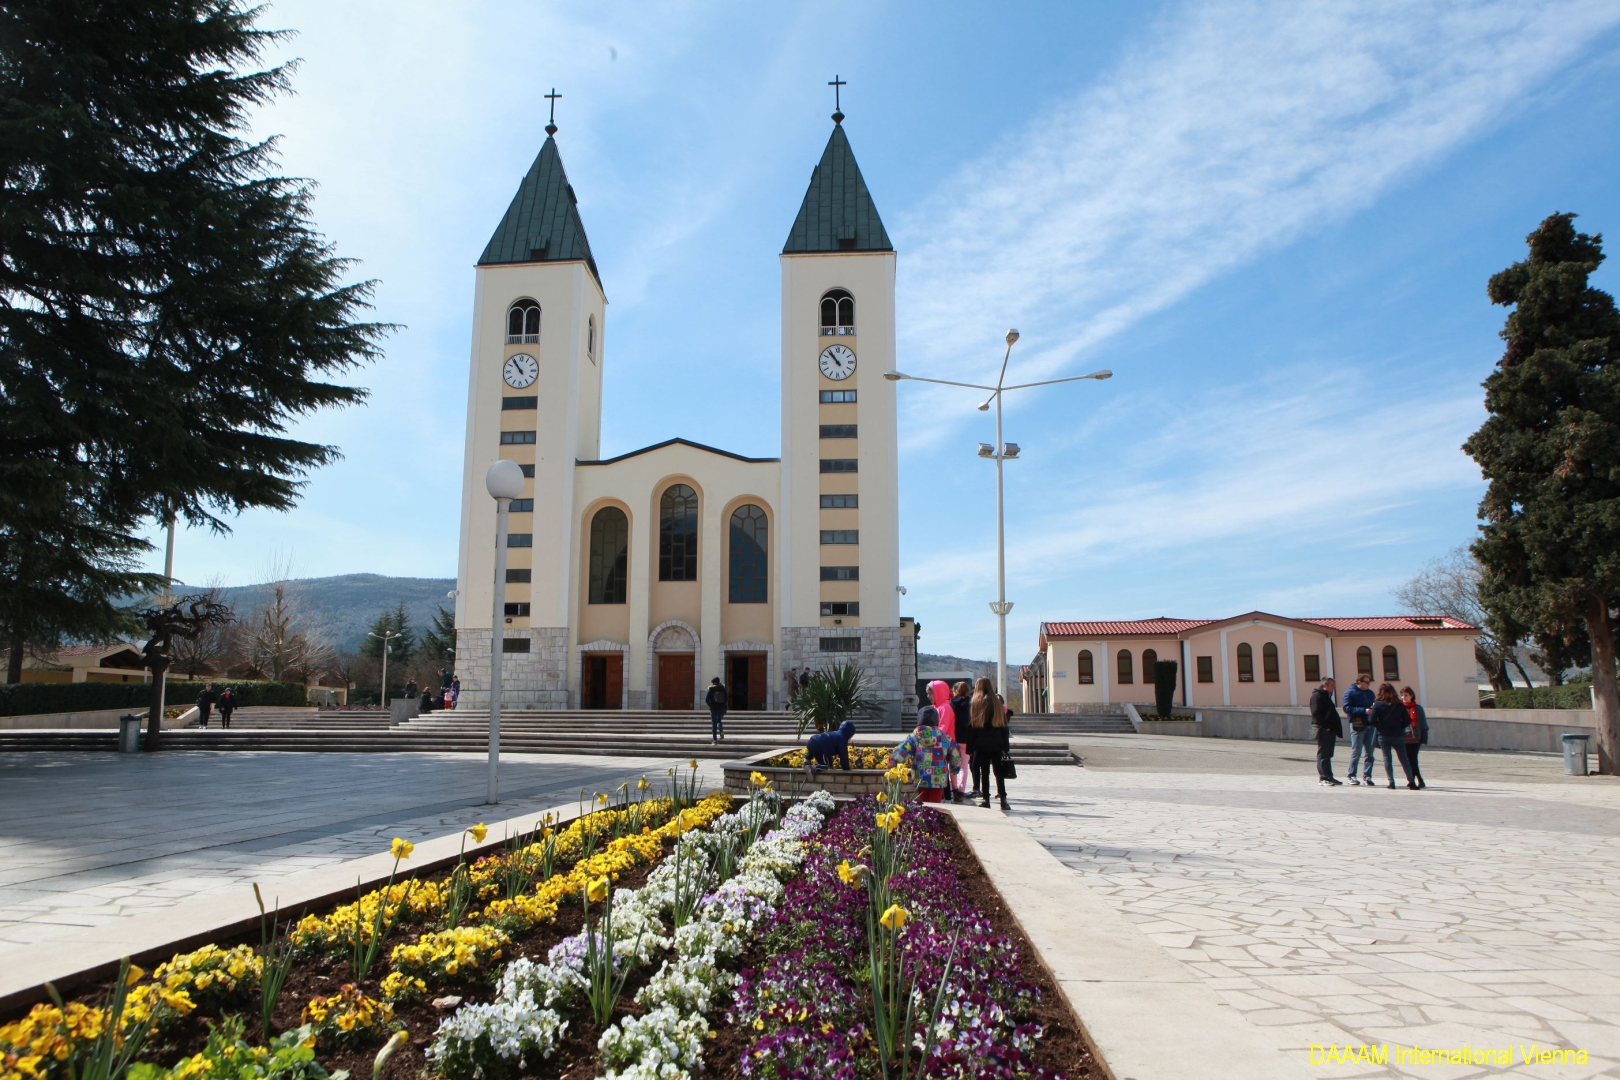 DAAAM_2016_Mostar_01_Magic_City_of_Mostar_222